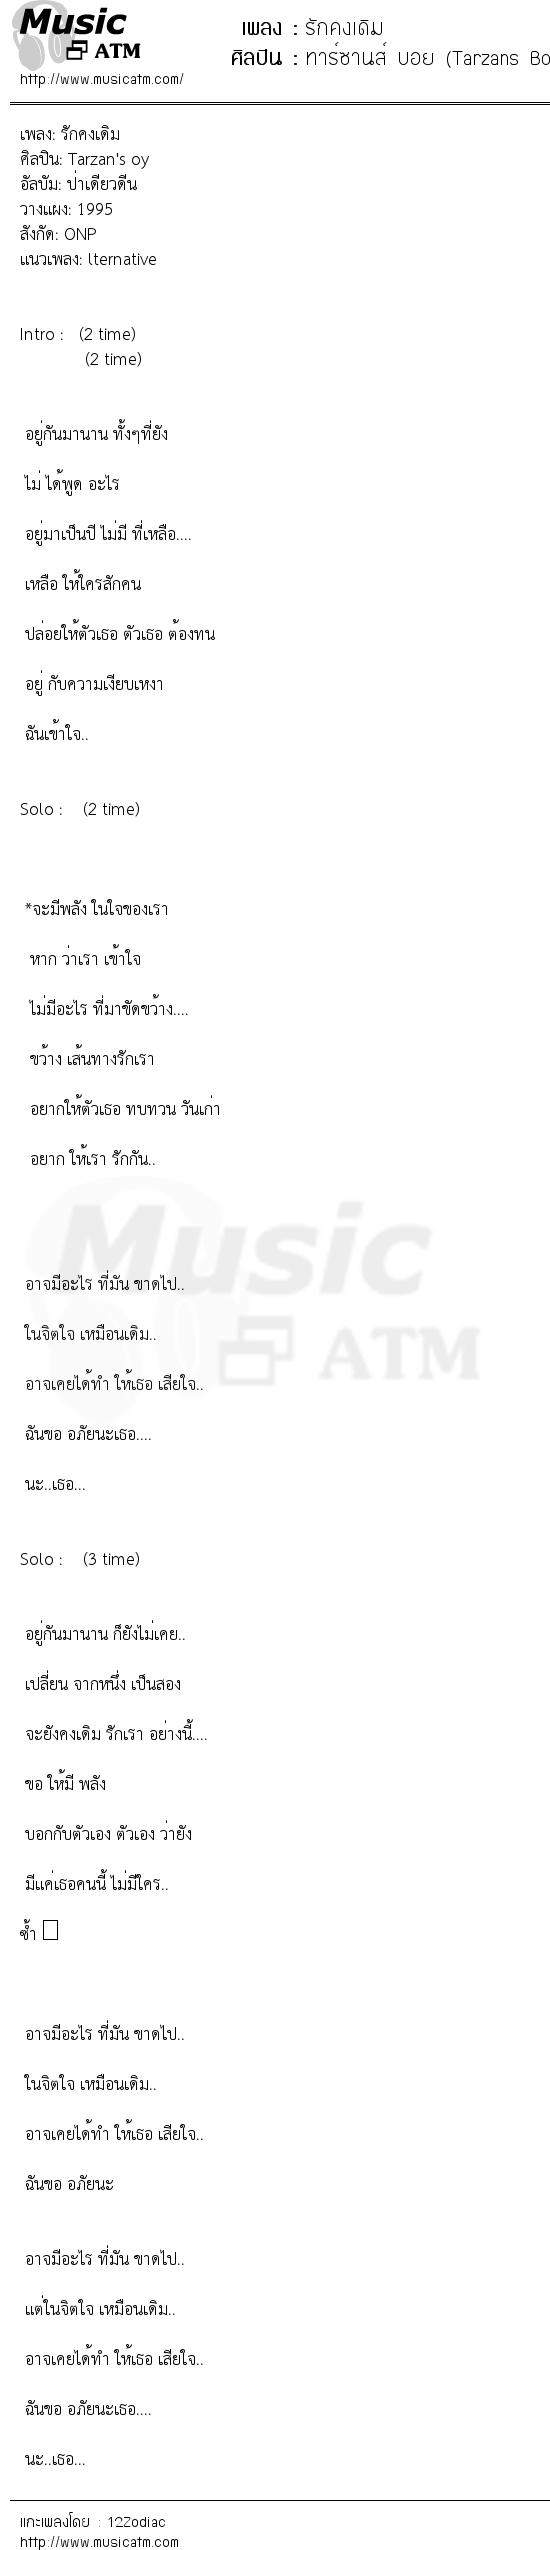 เนื้อเพลง รักคงเดิม - ทาร์ซานส์ บอย (Tarzans Boy)   เพลงไทย